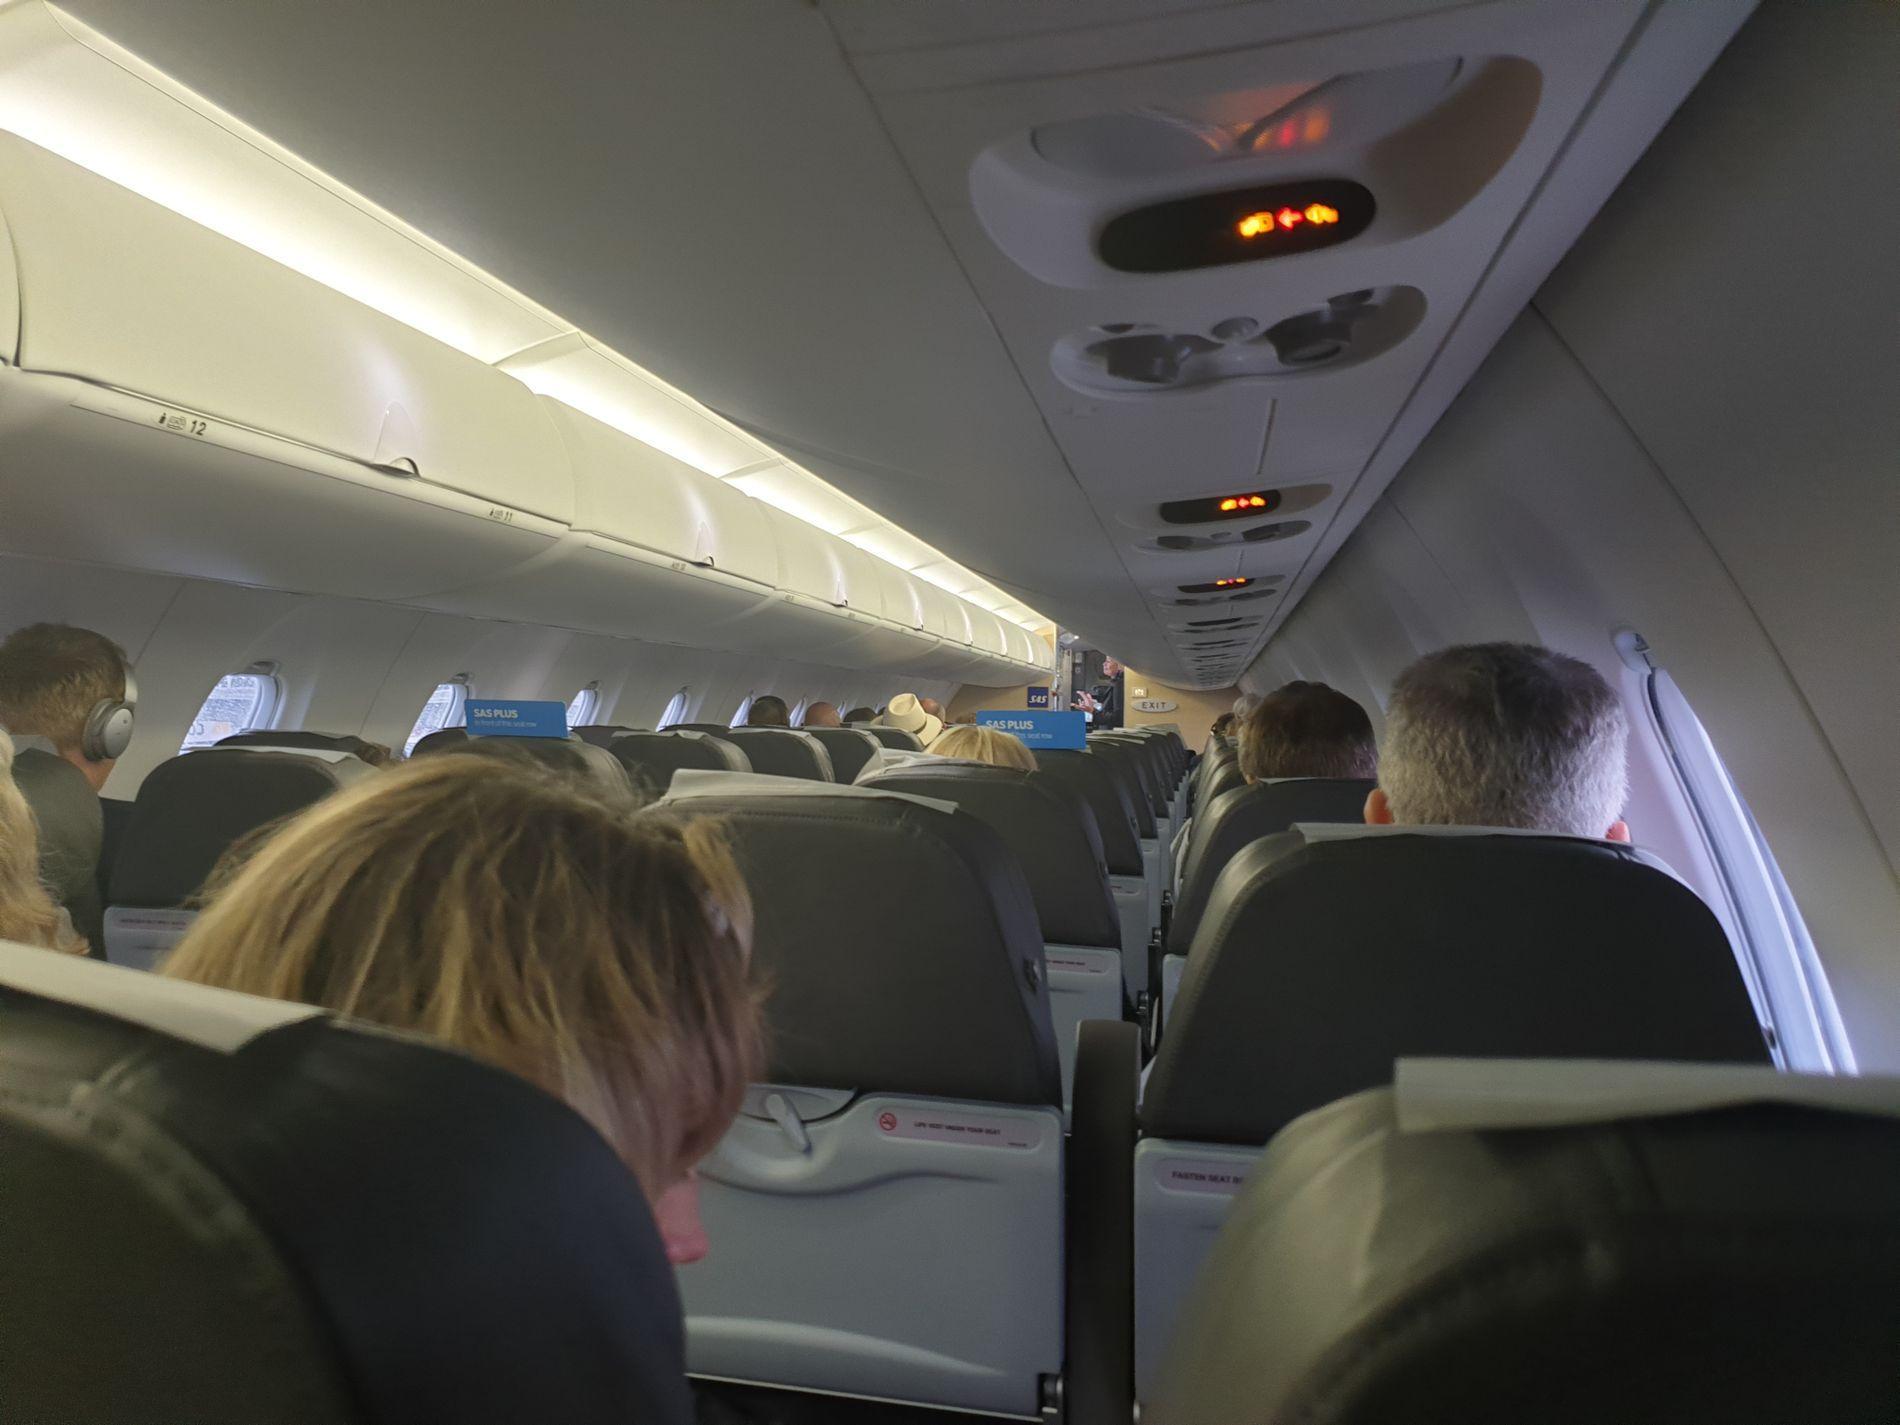 TOMME SETER: På SAS-flyet fra Trondheim til Oslo klokken 20.15 mandag kveld var det flere ledige seter.